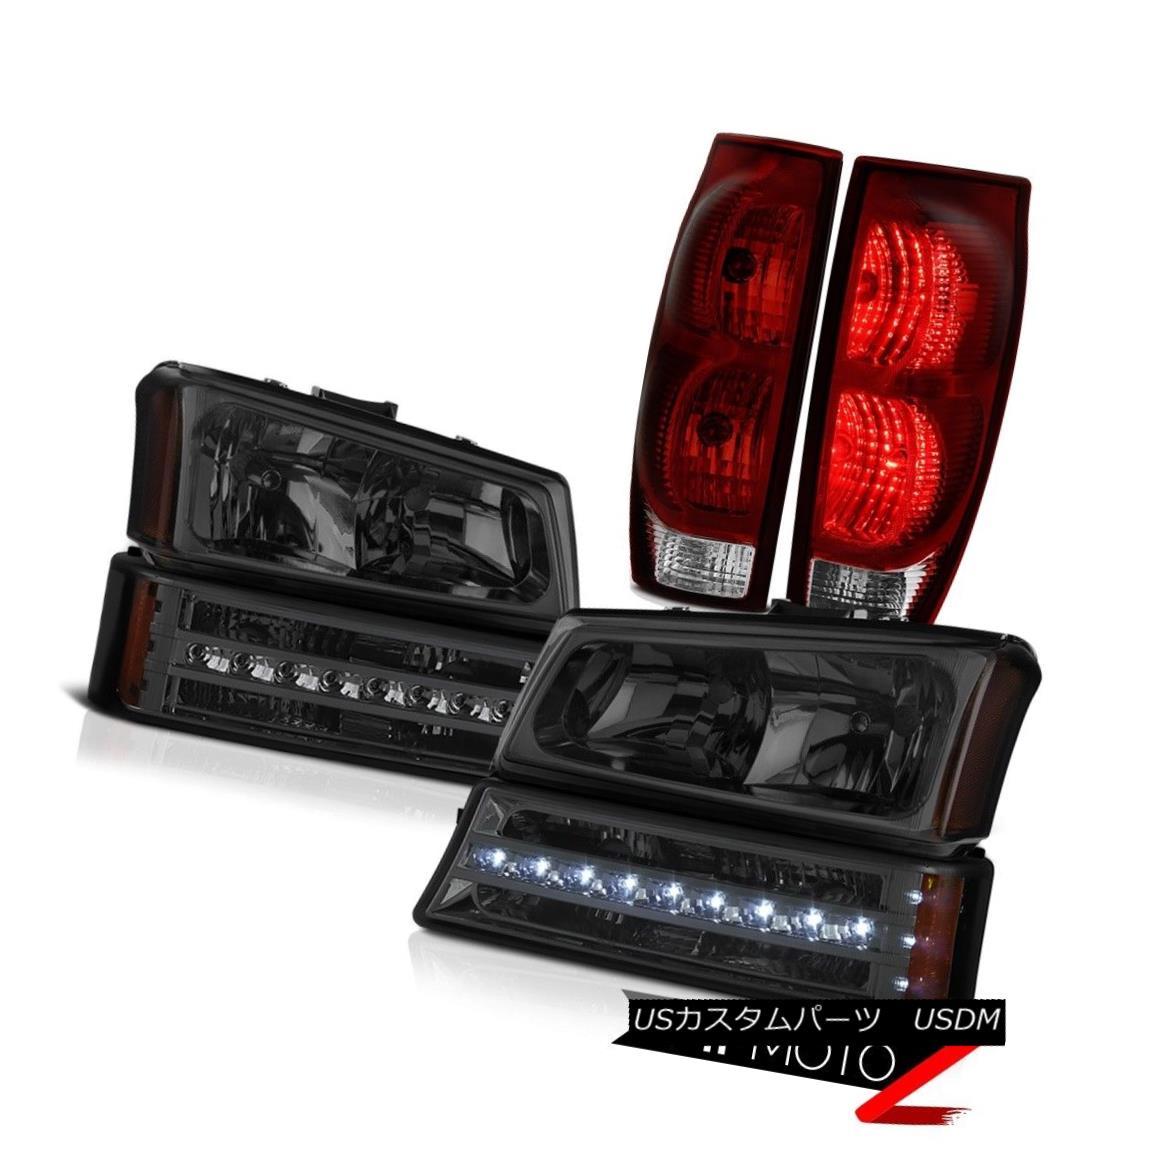 ヘッドライト 03 04 05 06 Chevy Avalanche 2500HD Tail Brake Lights Parking Lamp Headlamps LED 03 04 05 06シボレーアバランチ2500HDテールブレーキライトパーキングランプヘッドランプLED